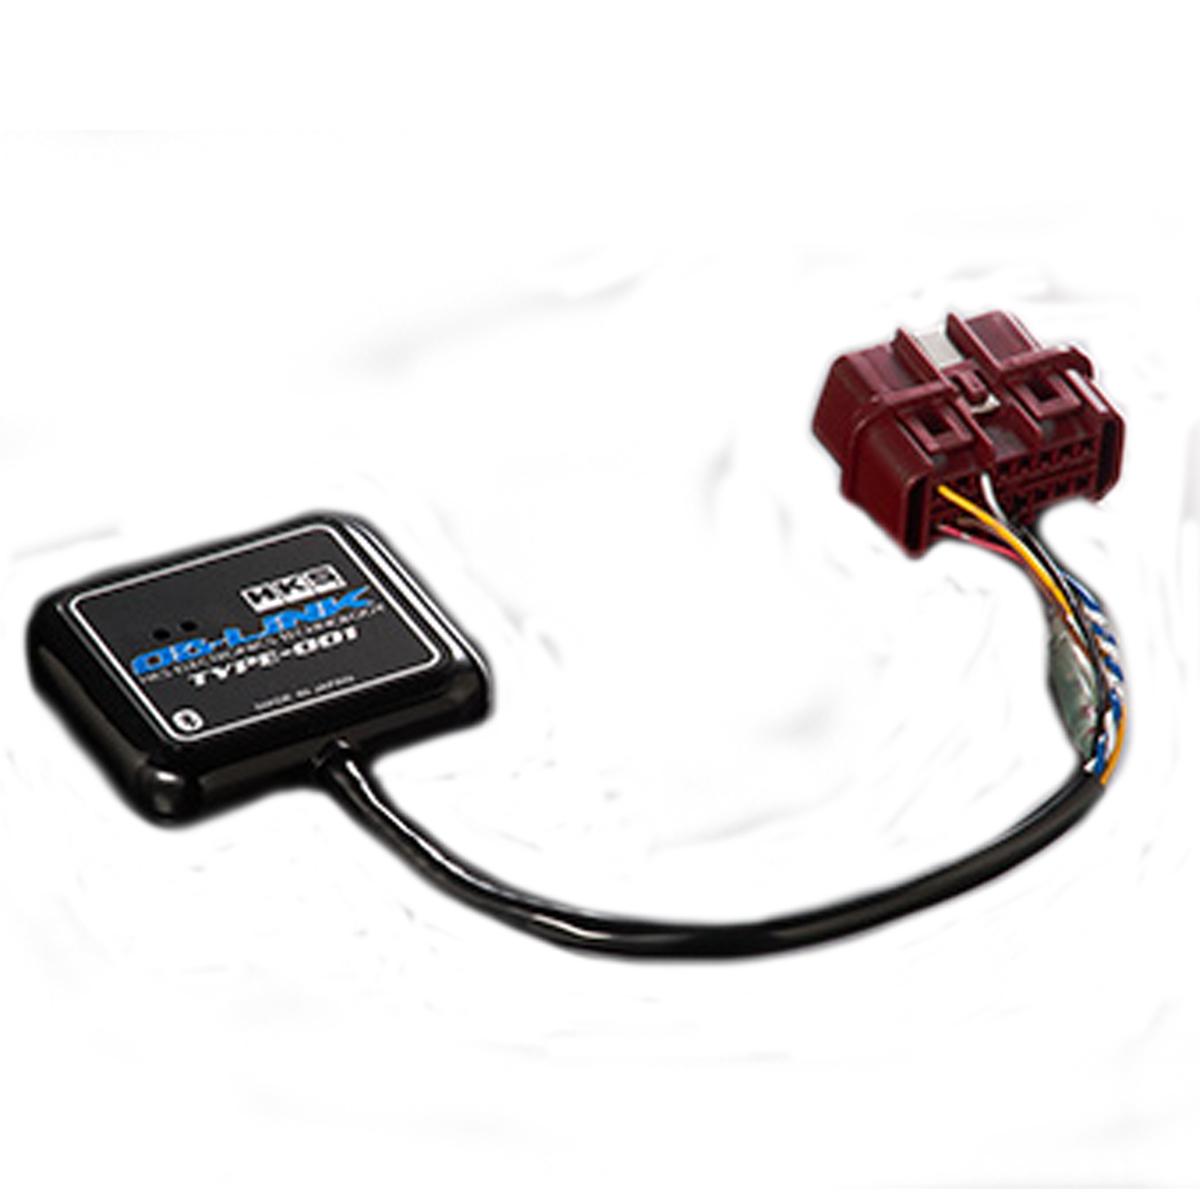 ハイエース バン モニター OBリンク タイプ 001 KDH206V HKS 44009-AK002 エレクトリニクス 個人宅発送追金有